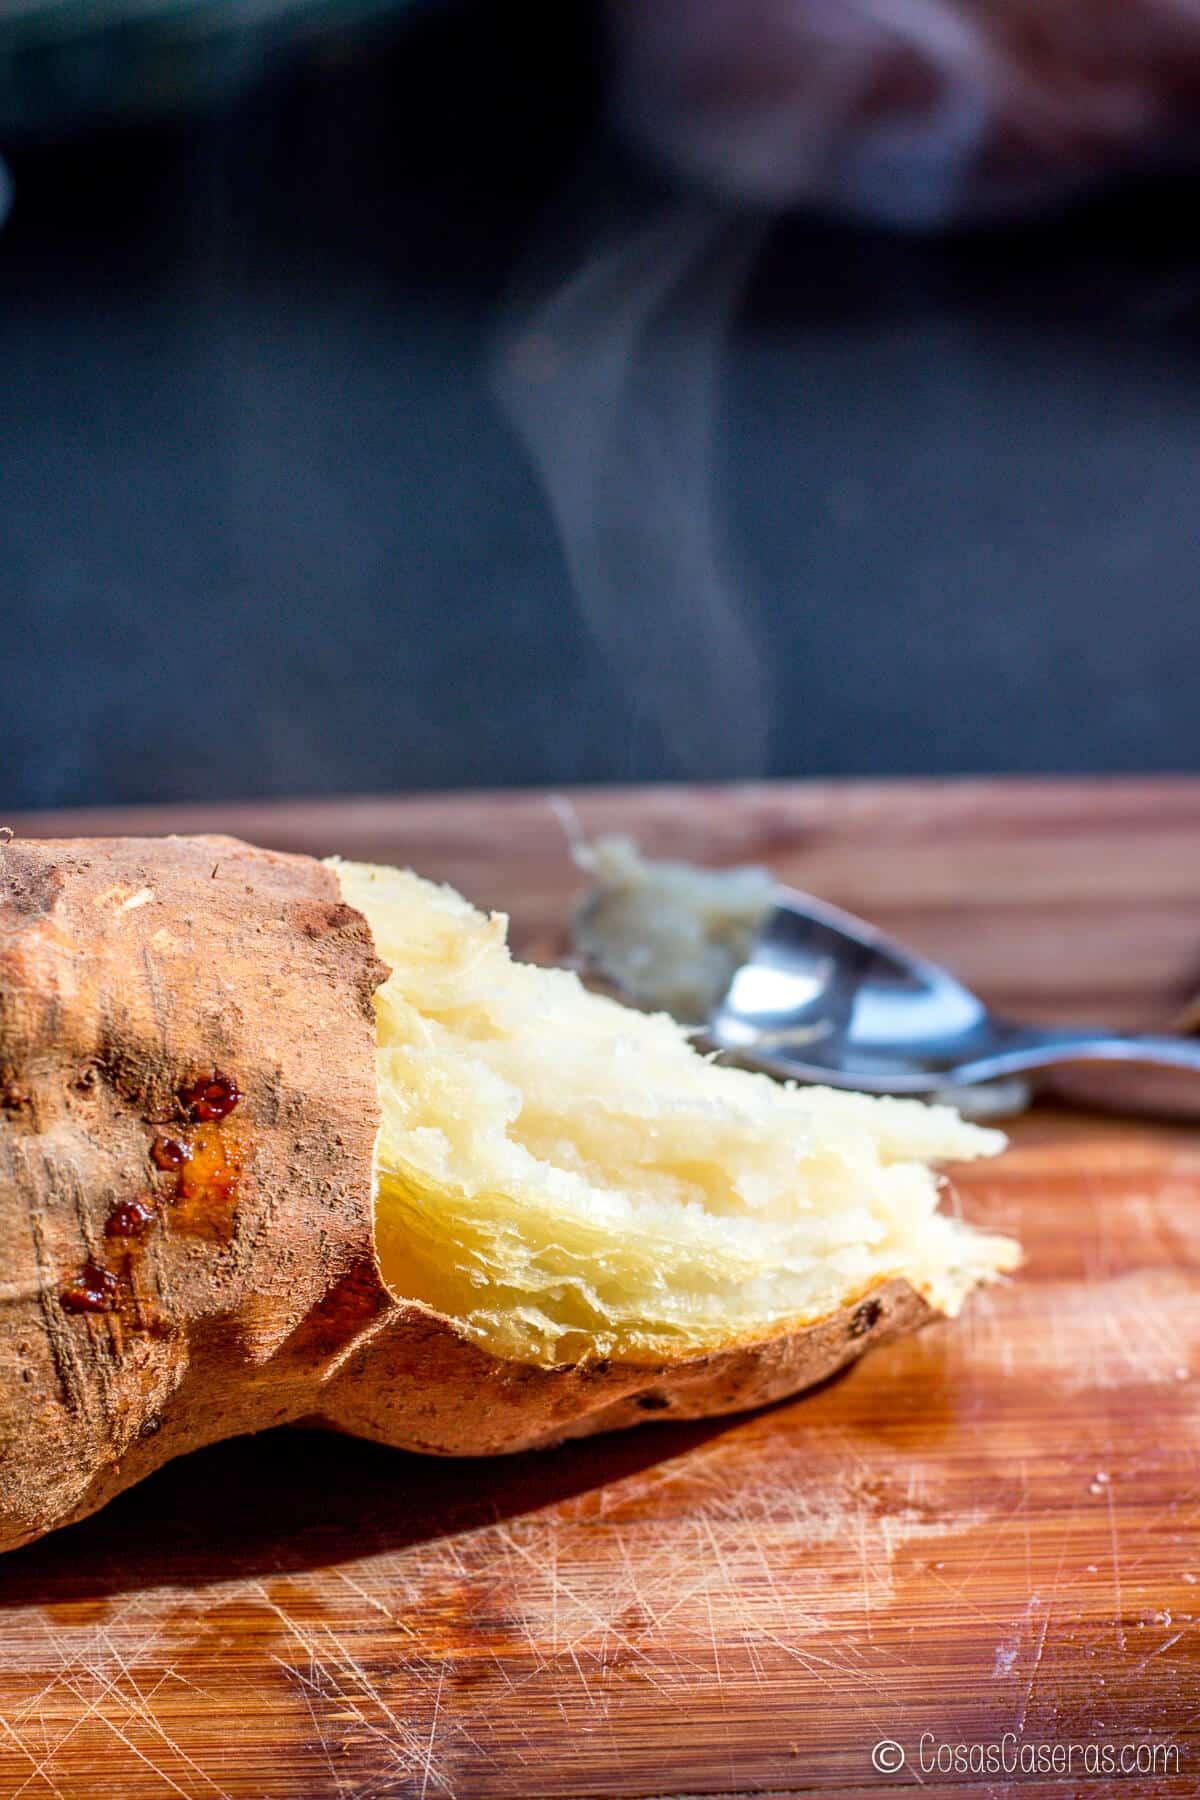 Un boniato horneado que está parcialmente pelado, con vapor saliendo de la parte abierta del boniato.